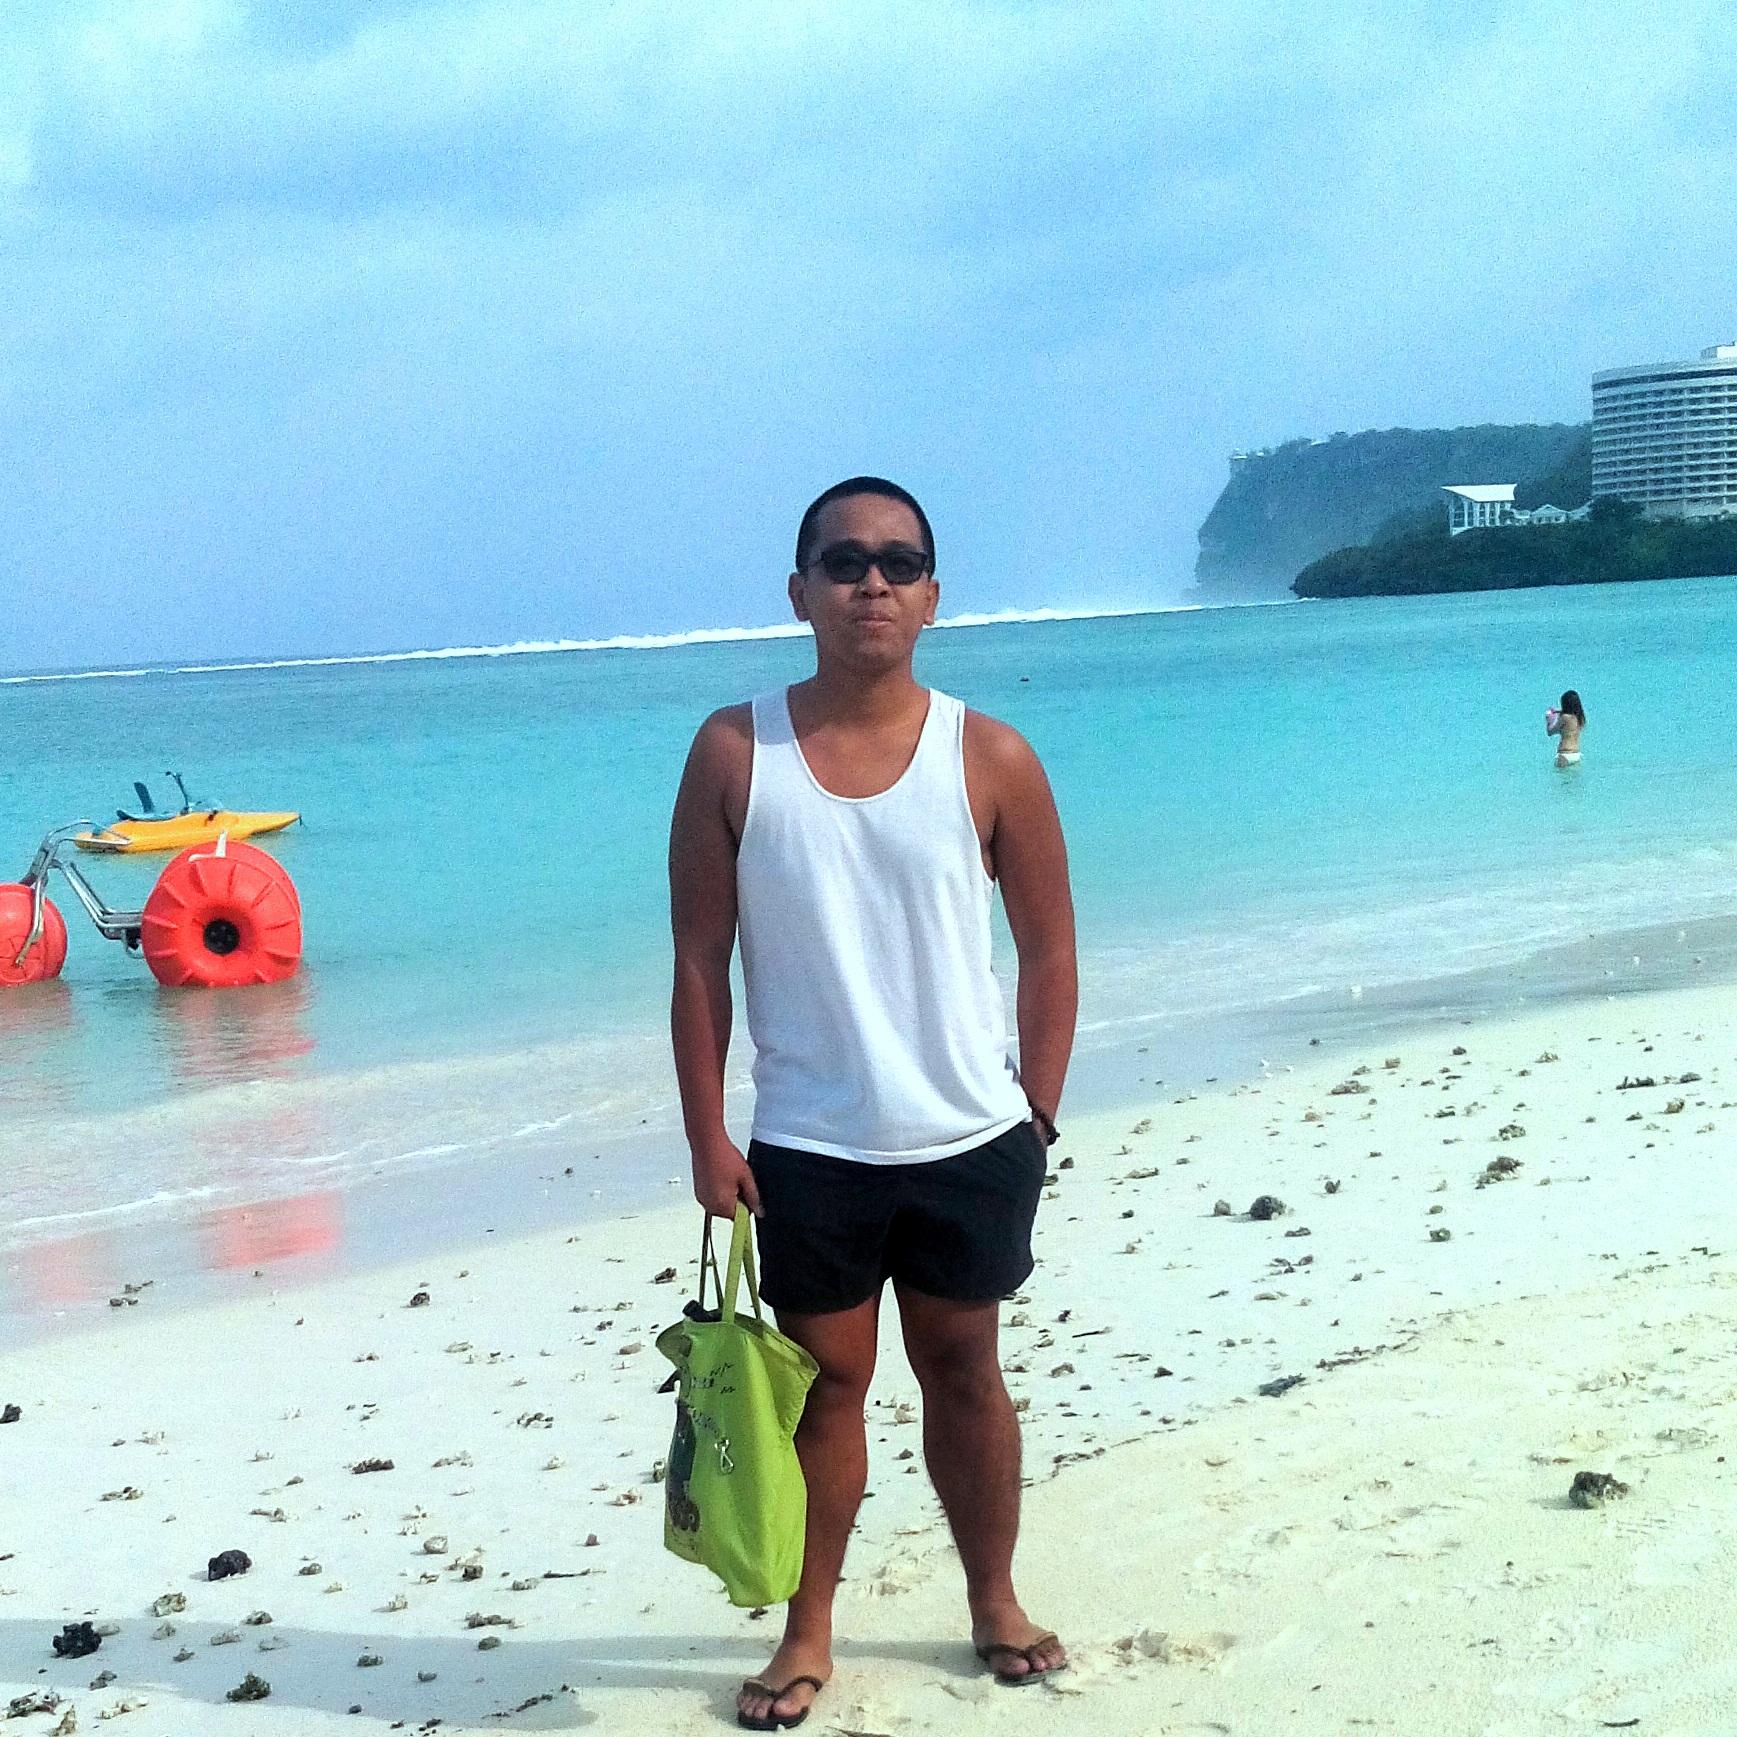 I can finally swim! Hey Tumon Bay